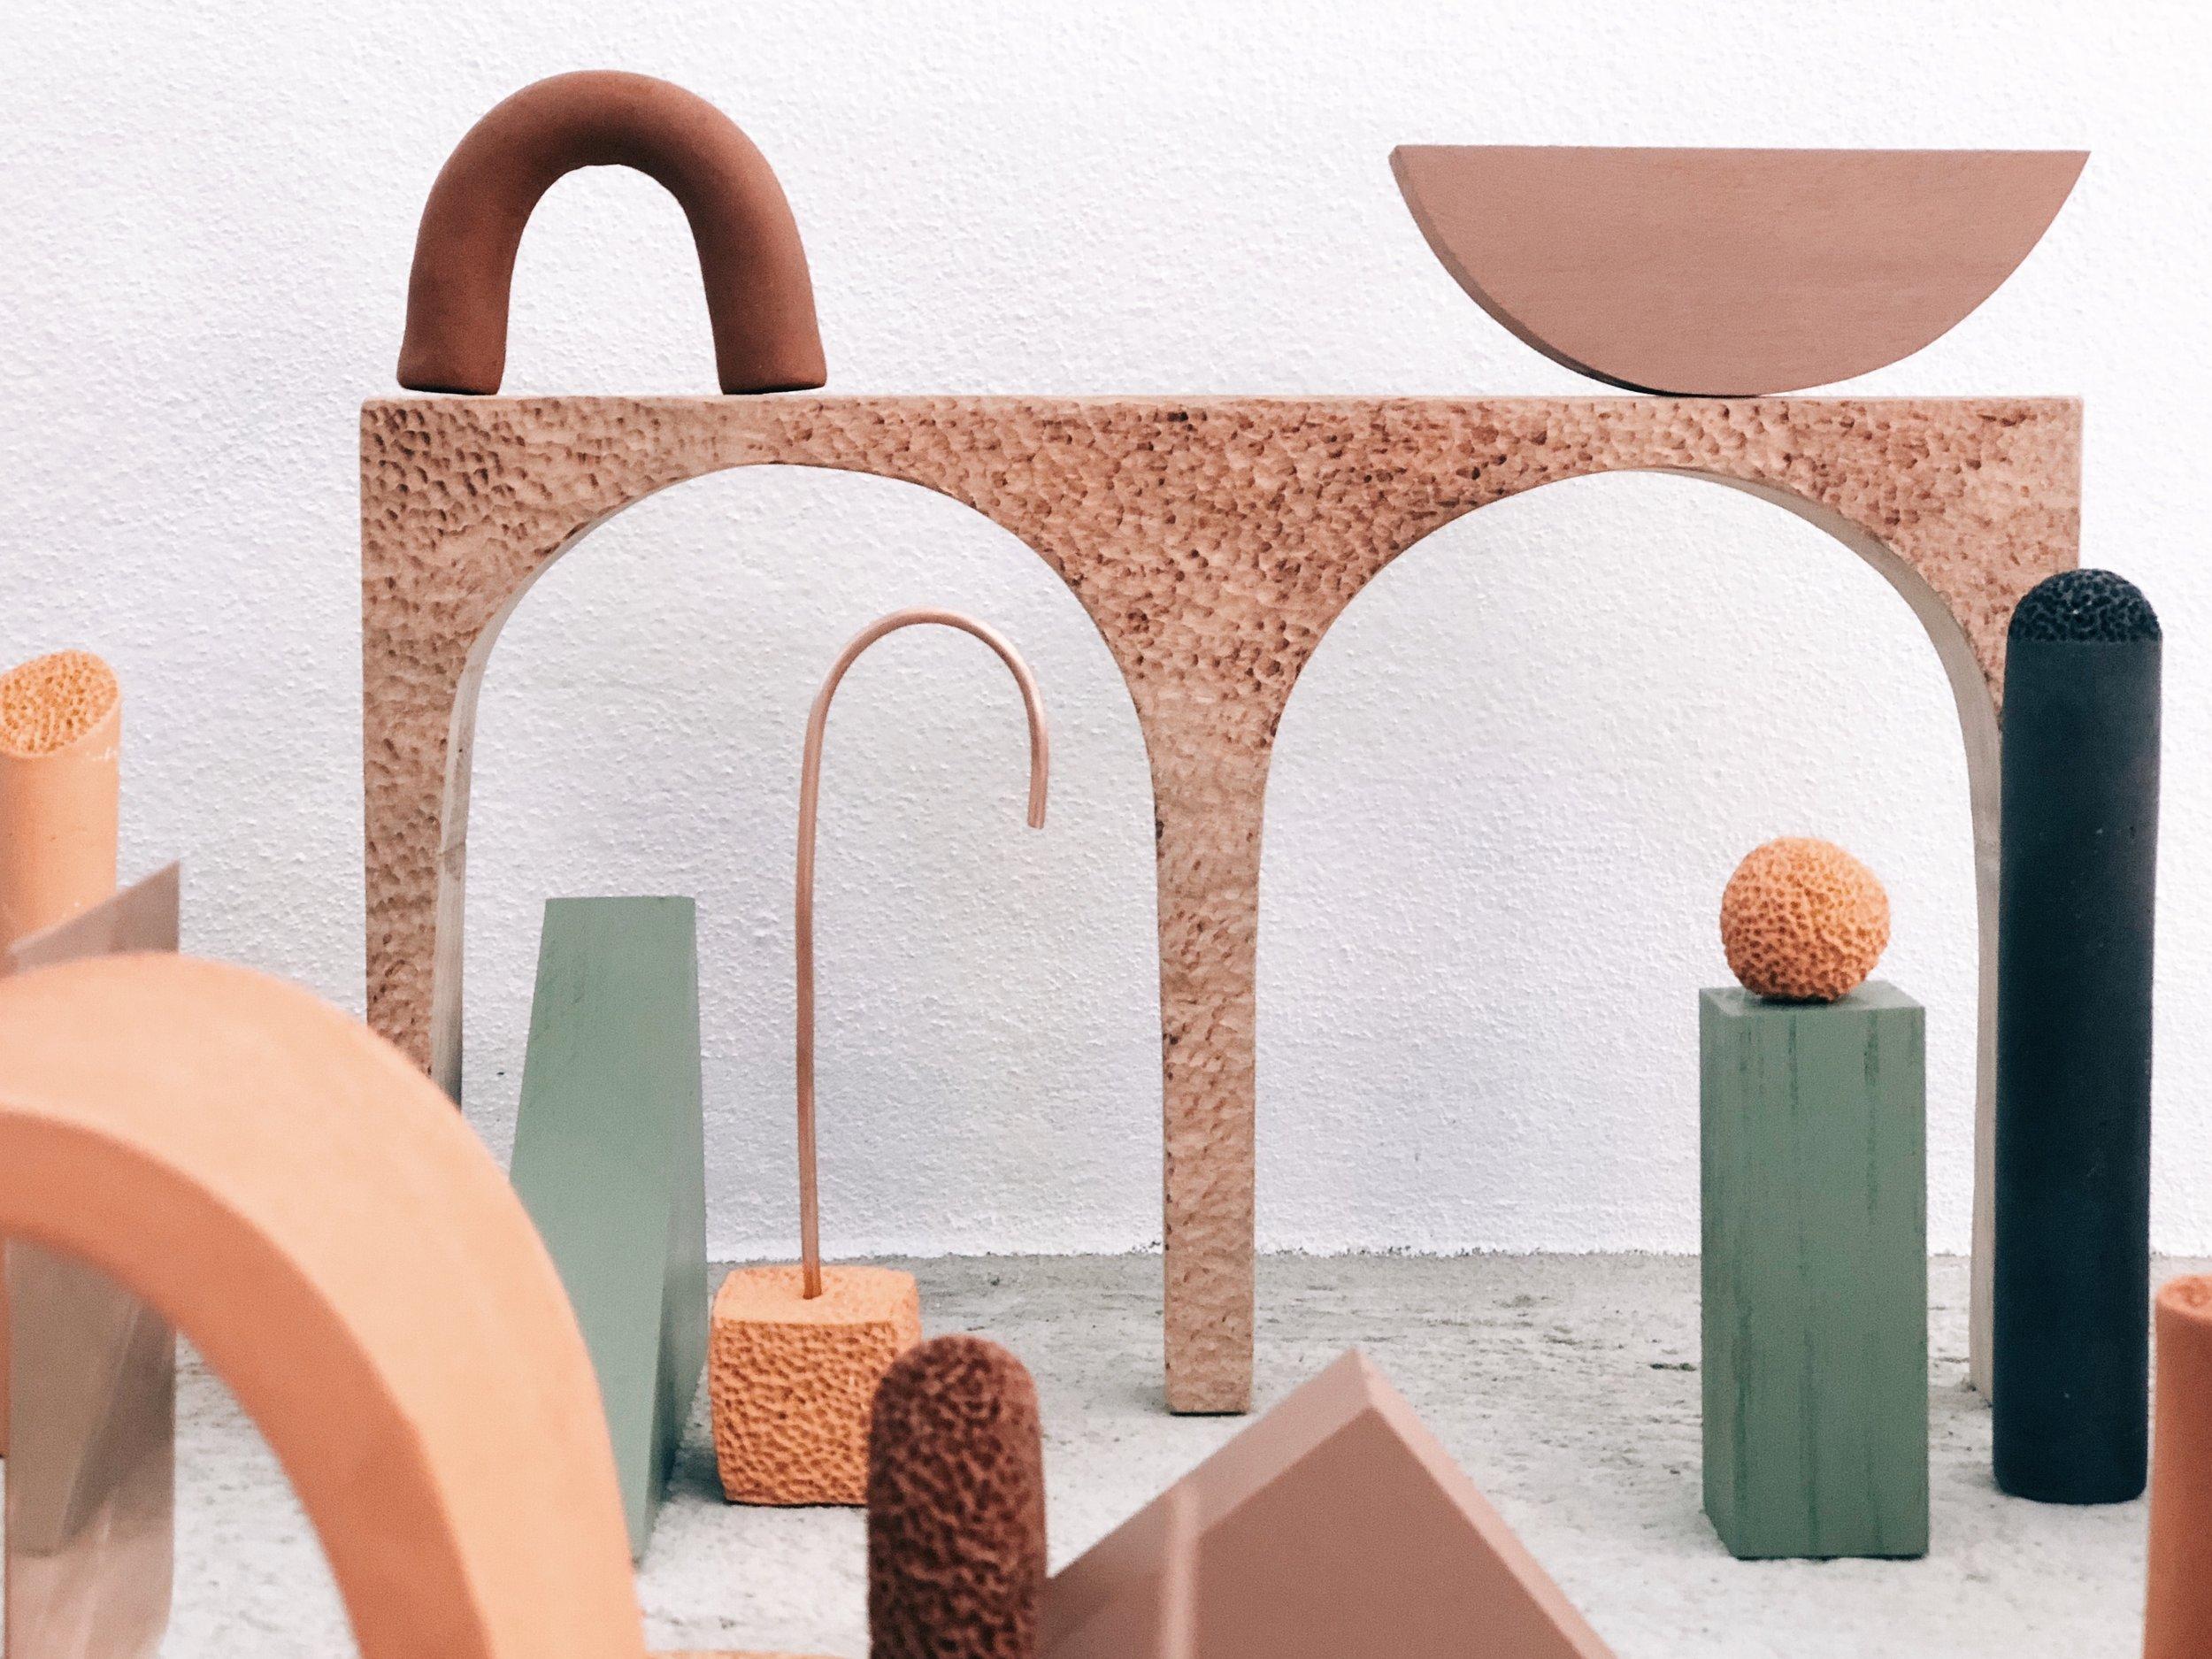 A van Rhijn - Second Time Around (architectural landscape installation) detail 2.jpg